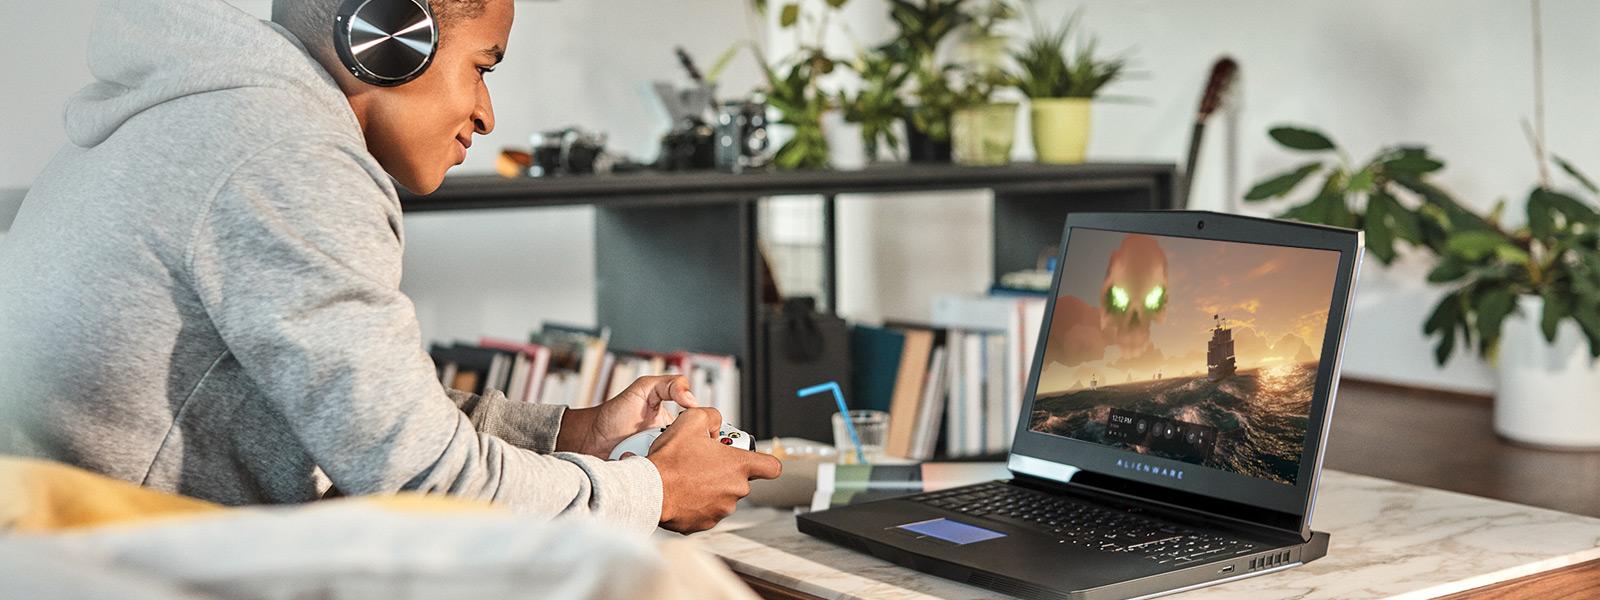 Un uomo con le cuffie usa un controller Xbox per giocare con Sea of Thieves su un portatile di gioco Windows 10